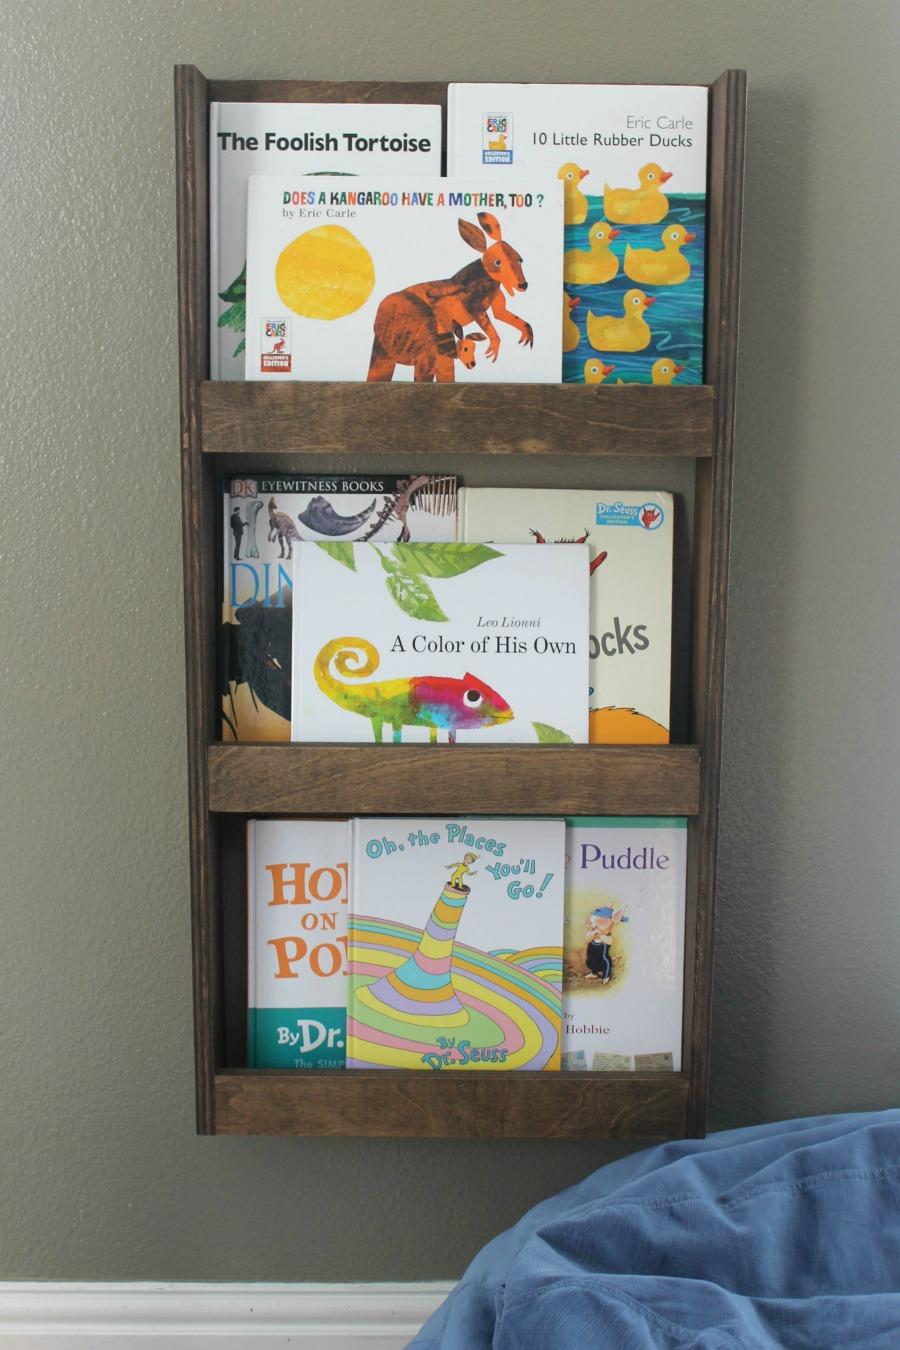 simple diy bookshelf, diy bookcase, diy bookshelf, diy bookshelf ideas, wood bookshelf diy